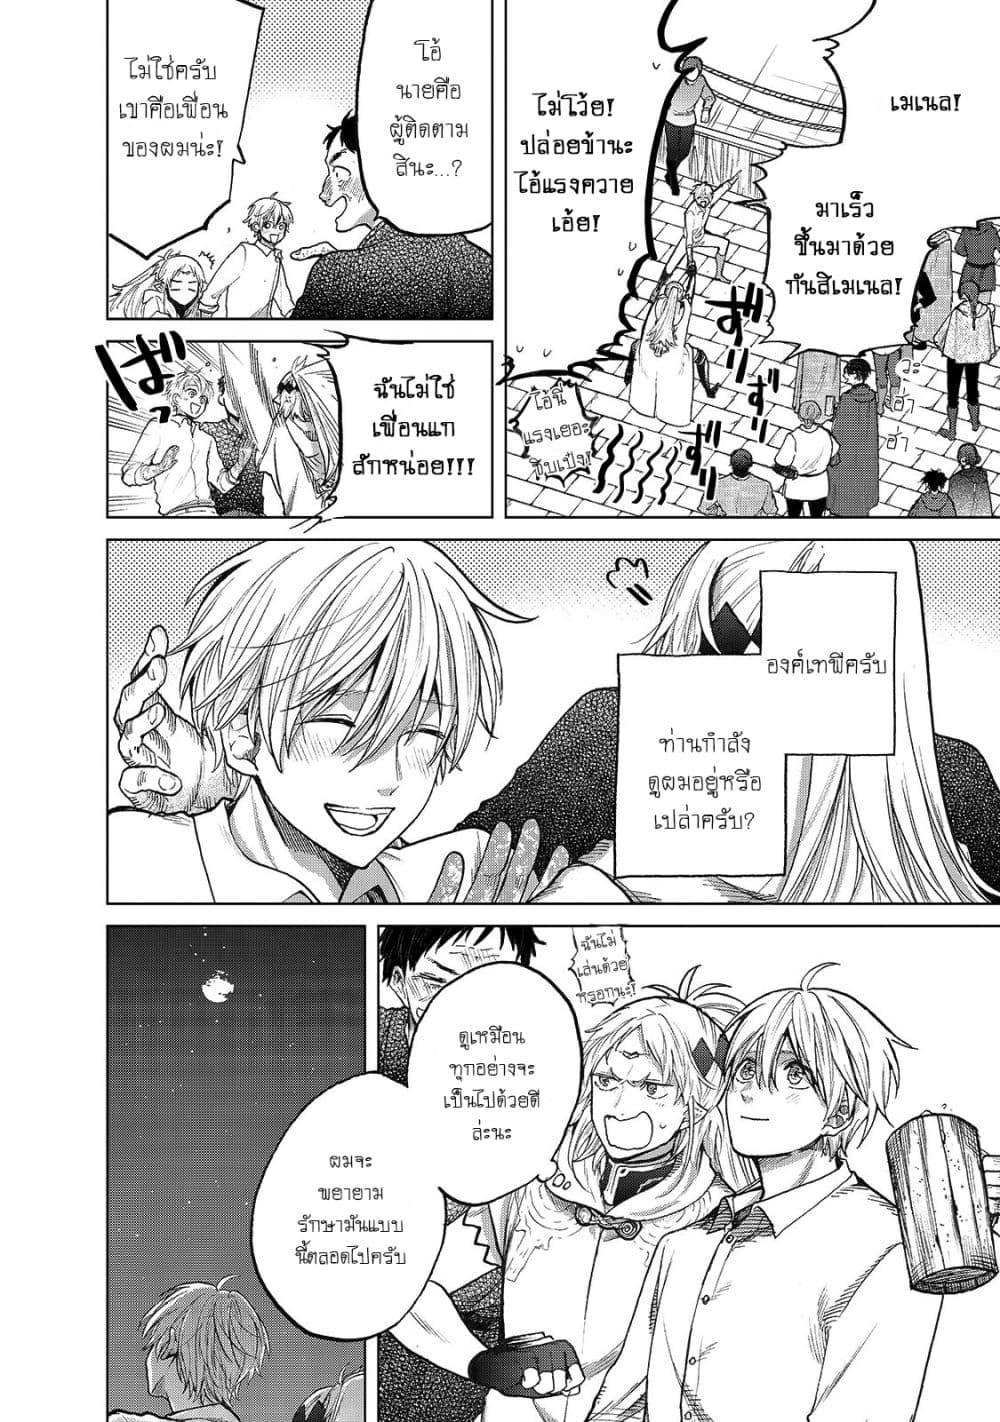 อ่านการ์ตูน Saihate no Paladin ตอนที่ 22 หน้าที่ 38